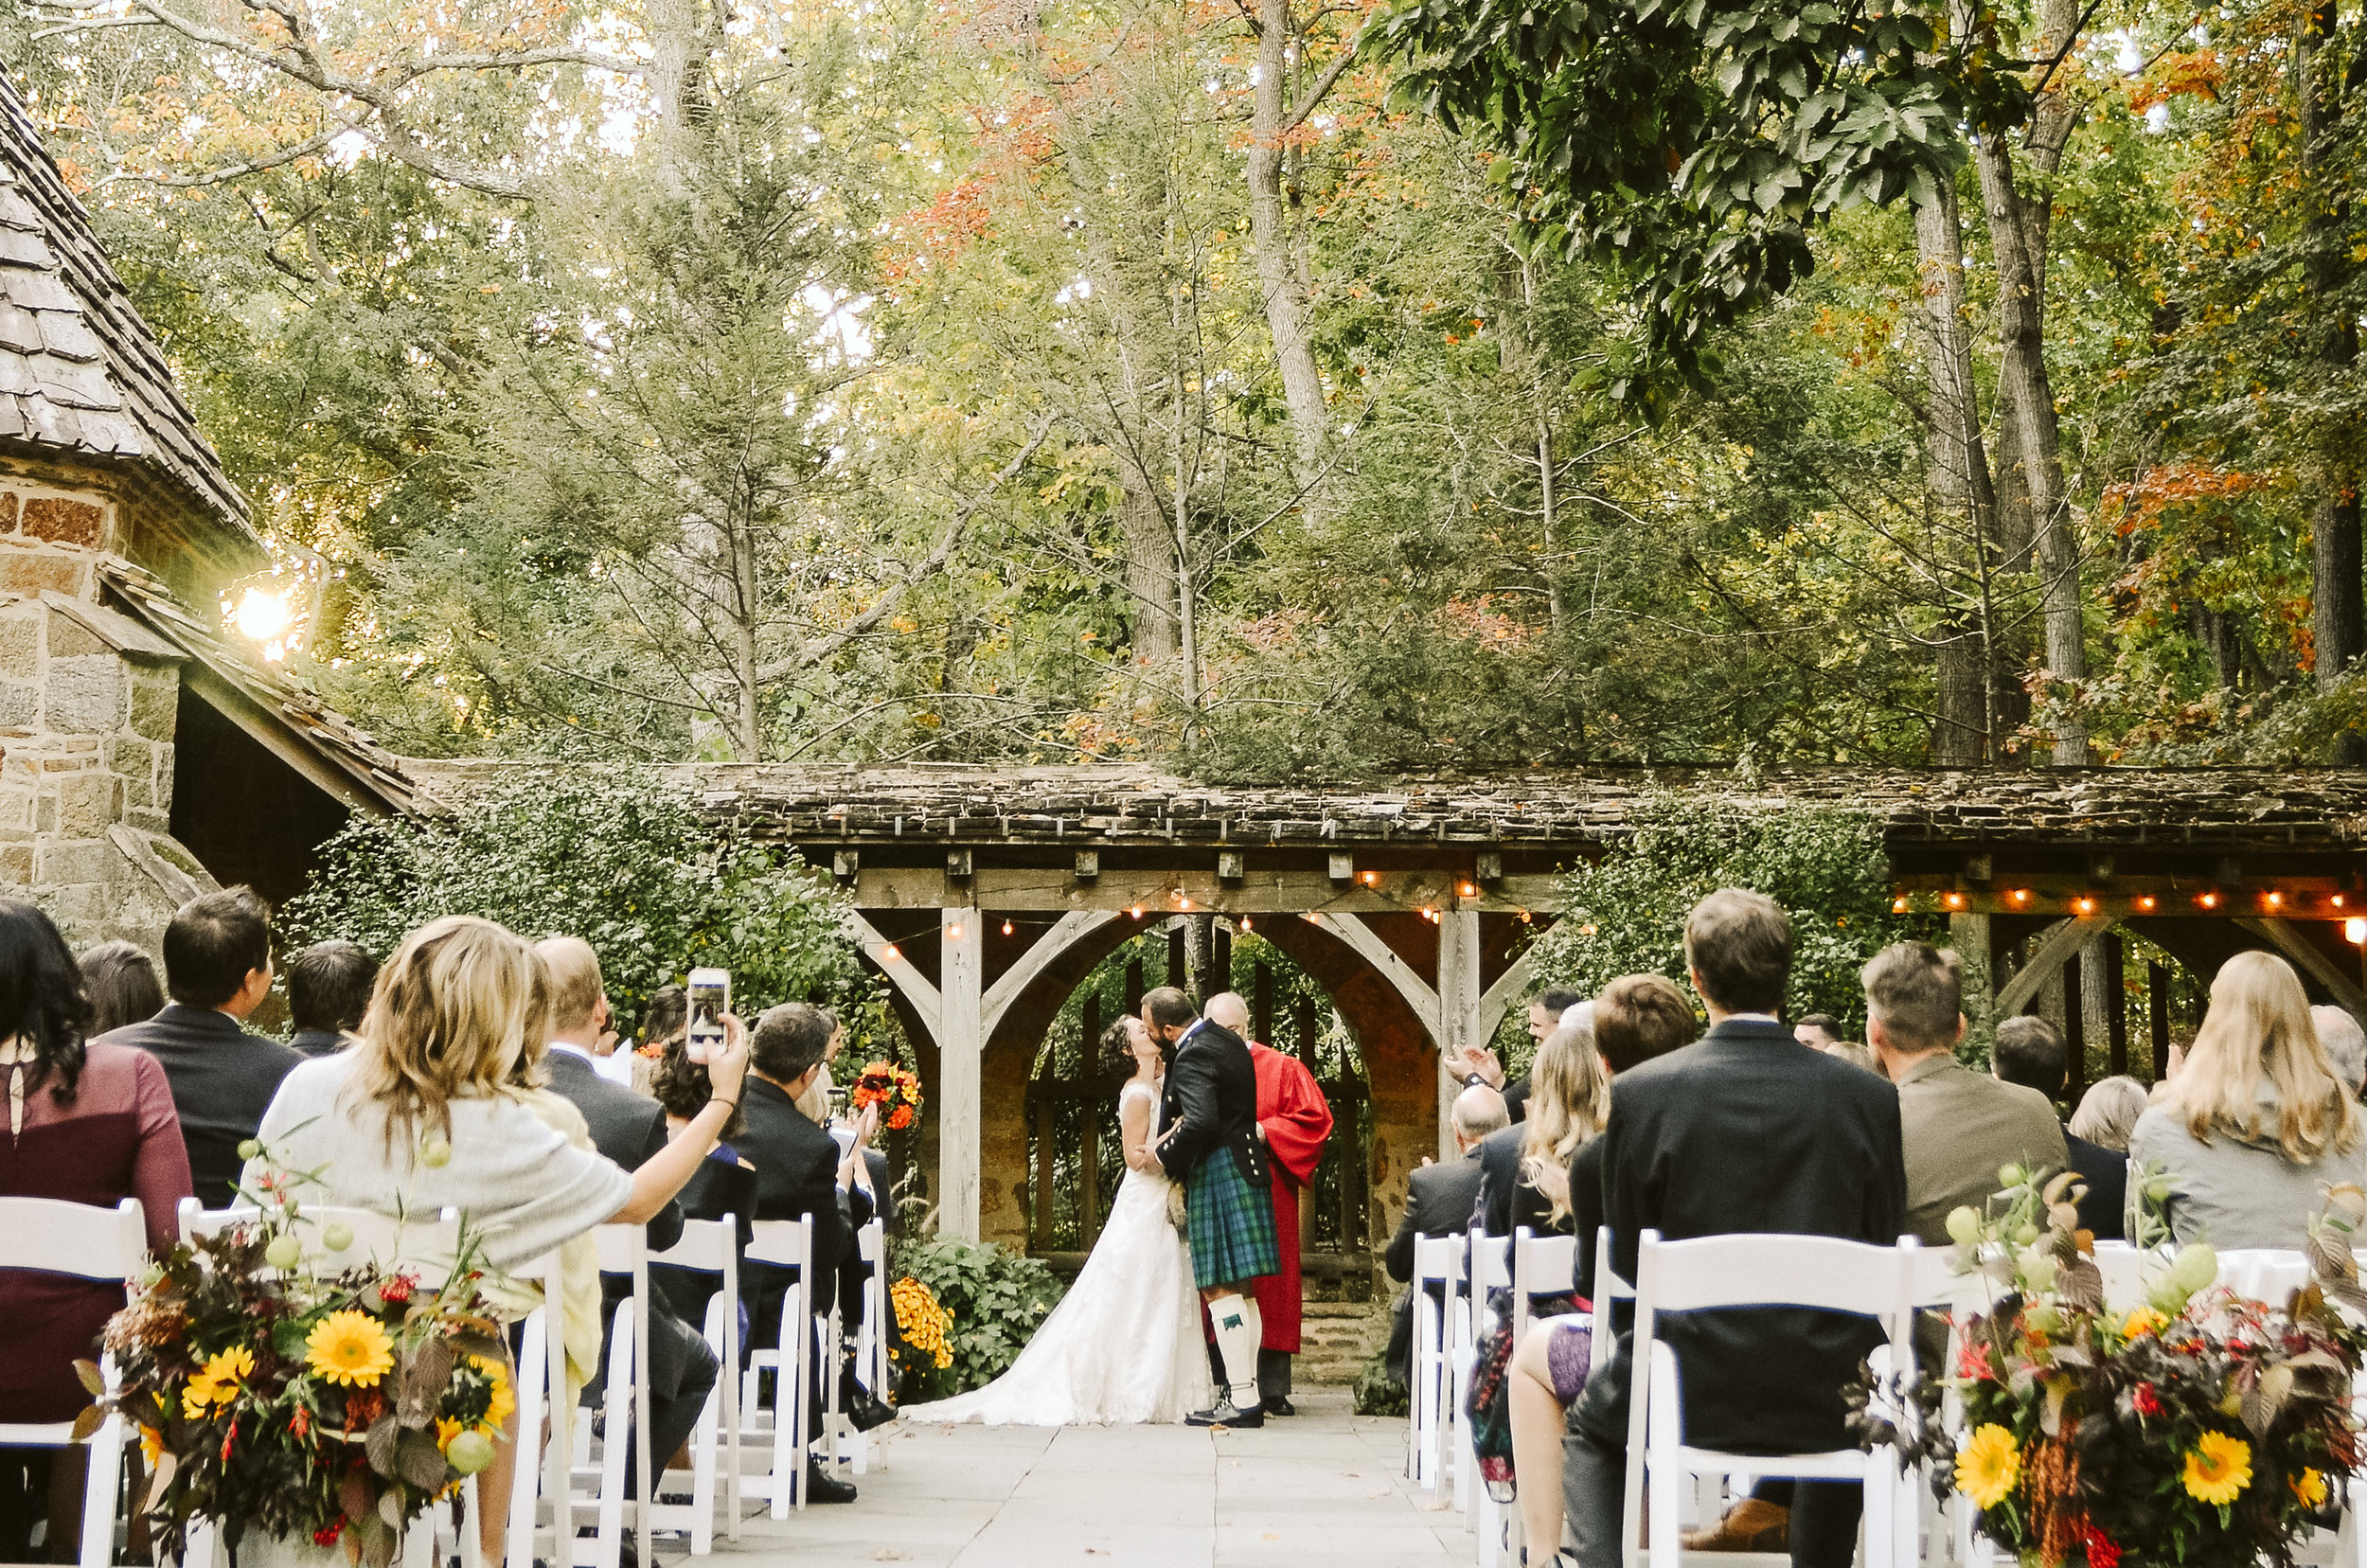 adrienne and greg's wedding 2018 edits-53.jpg